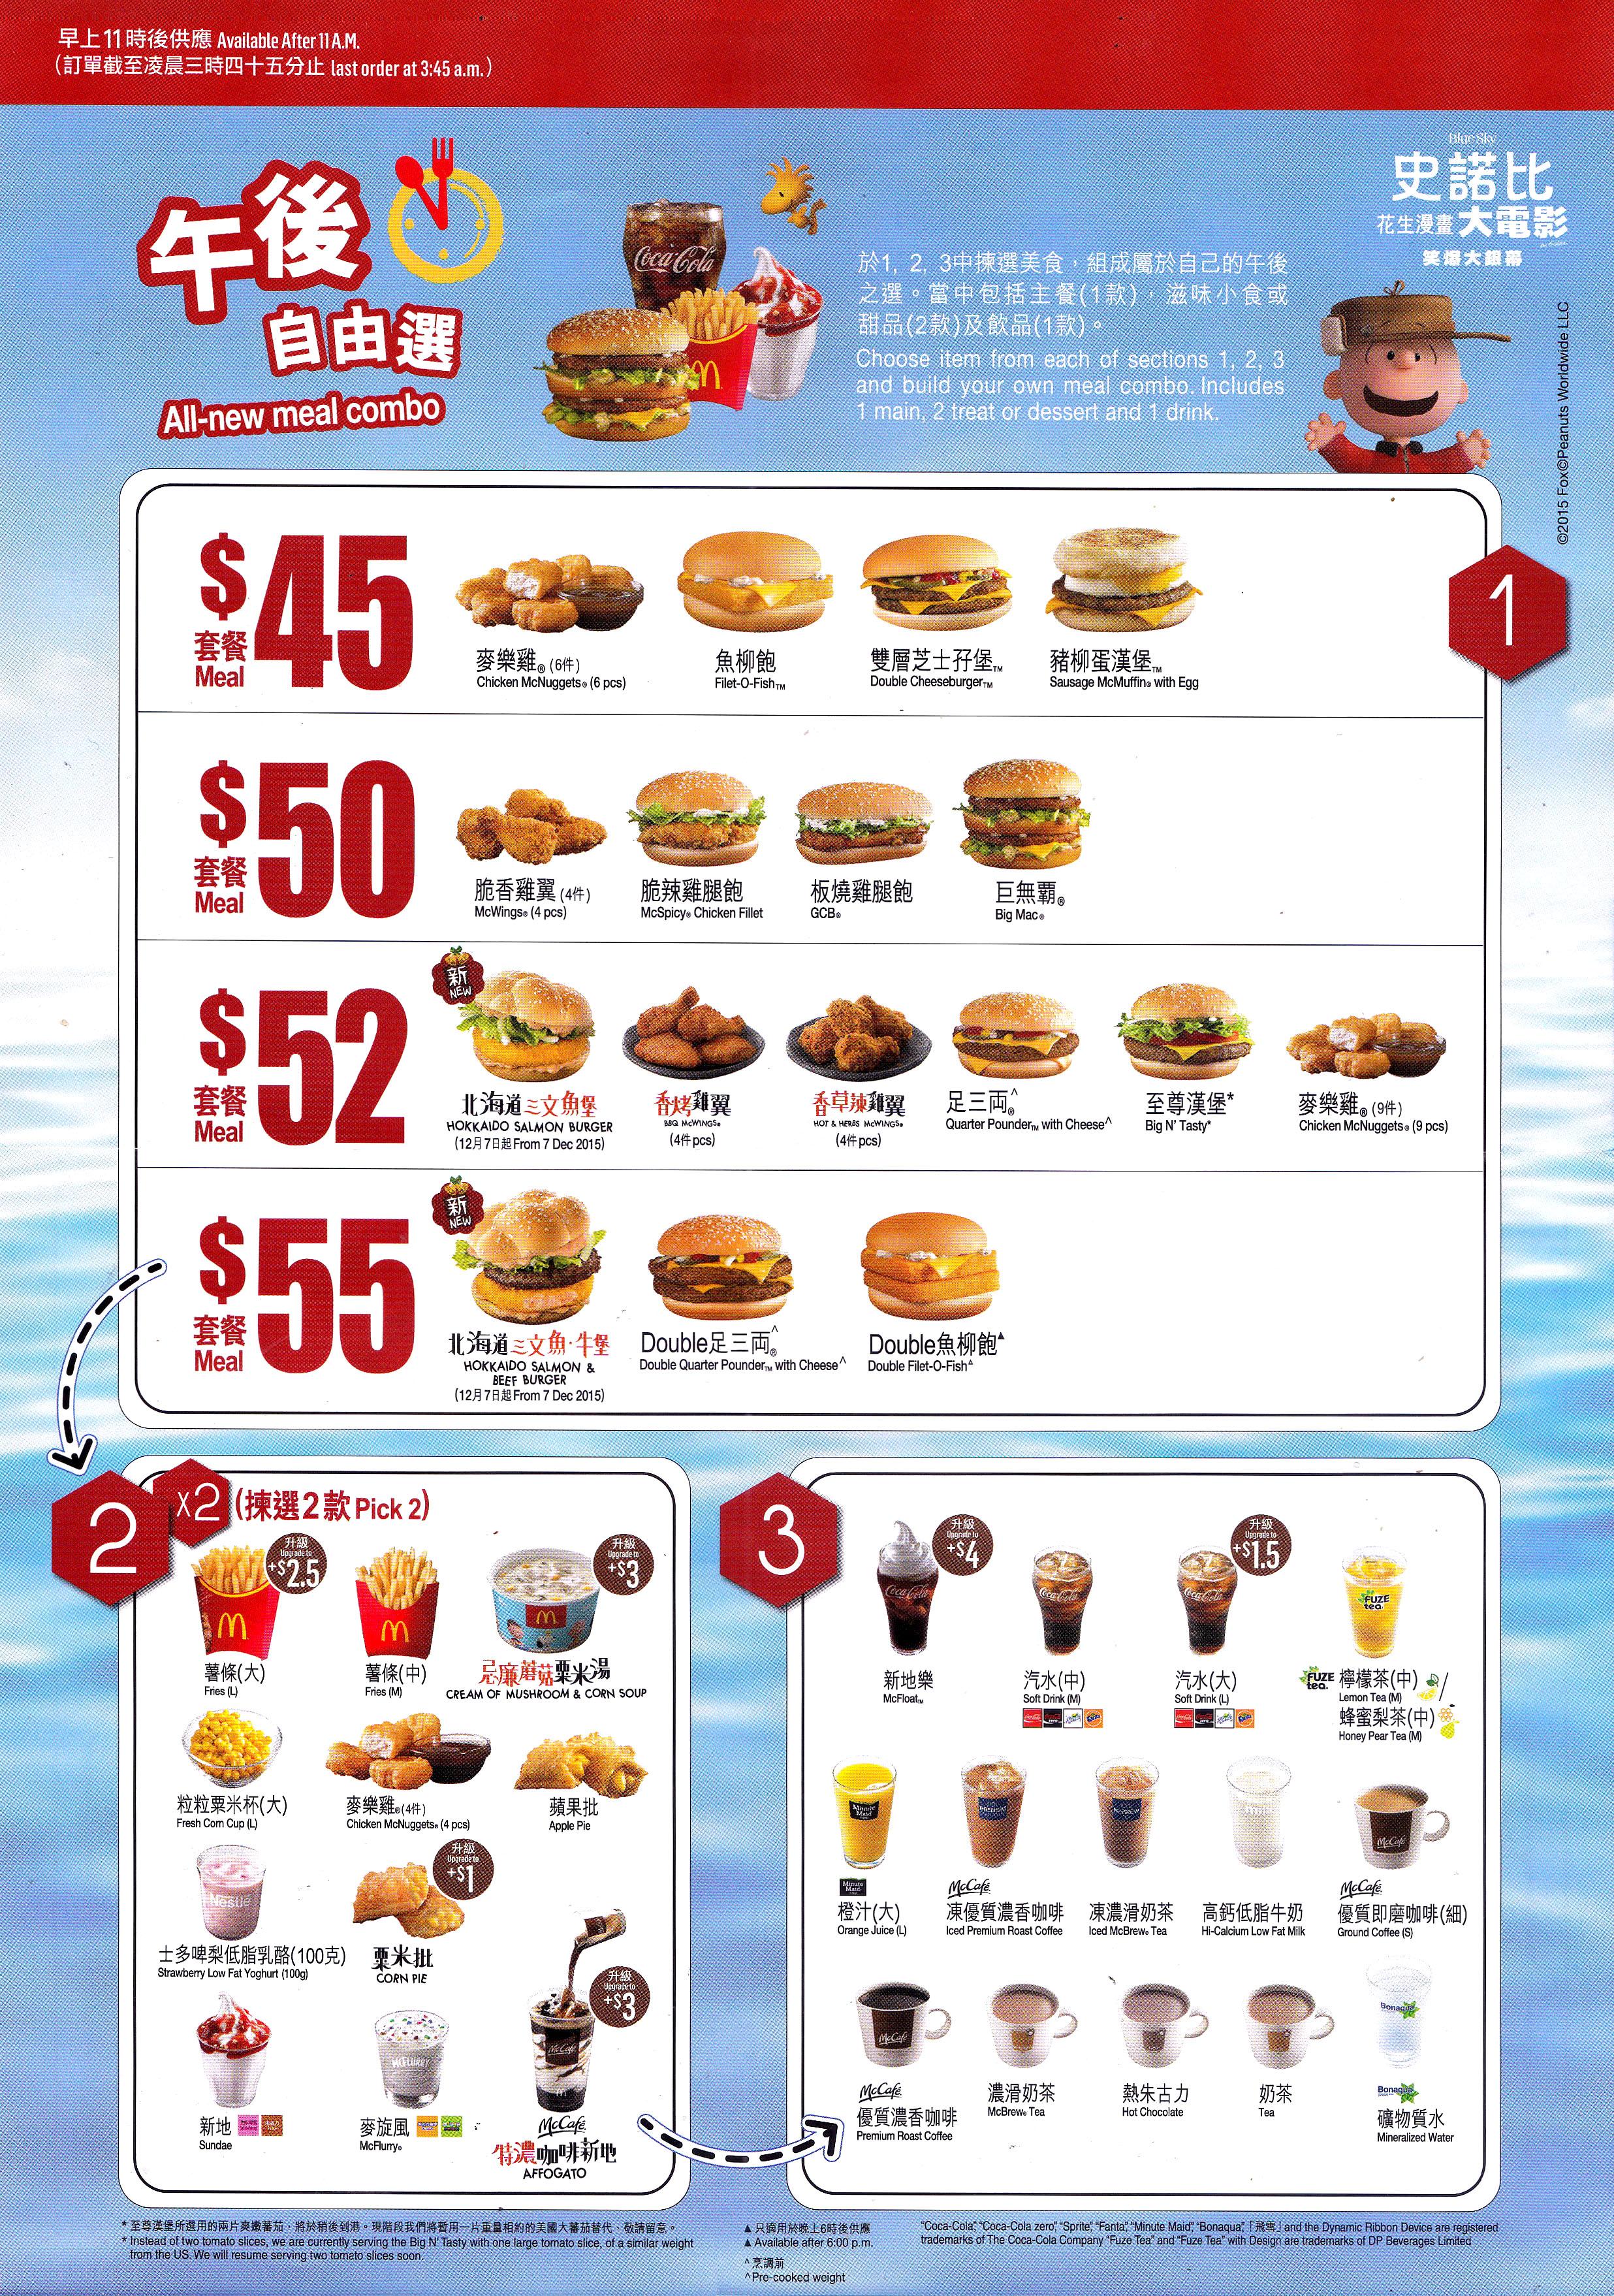 麥當勞24小時麥麥送餐單外賣速遞優惠服務最低消費要幾錢去邊度平哪邊間好介紹 mcdonald's restaurants hong kong ltd mcdelivery service breakfast time menu mcdonald delivery prices